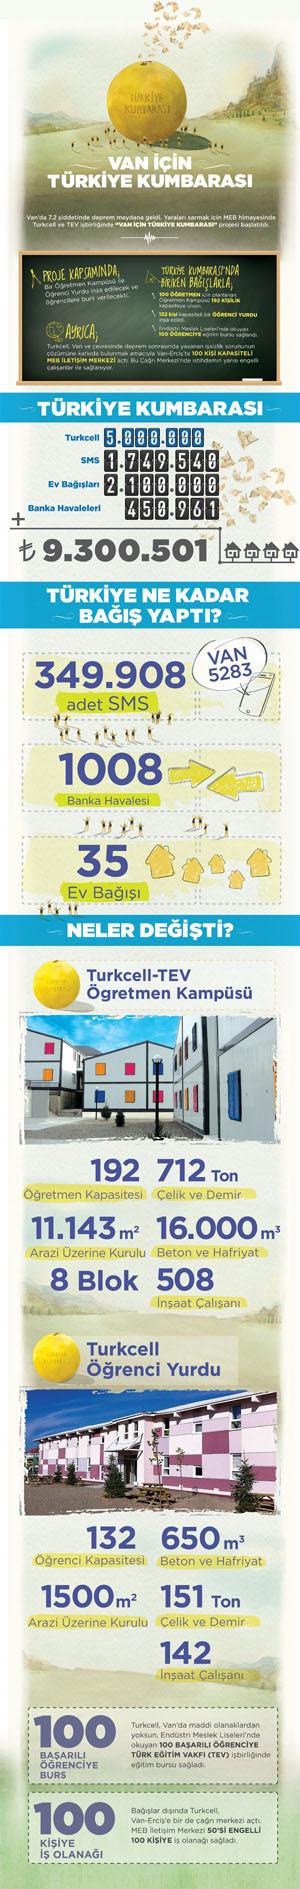 1365152810_rakamlarla-van-icin-turkiye-kumbarasi-infografik.jpg